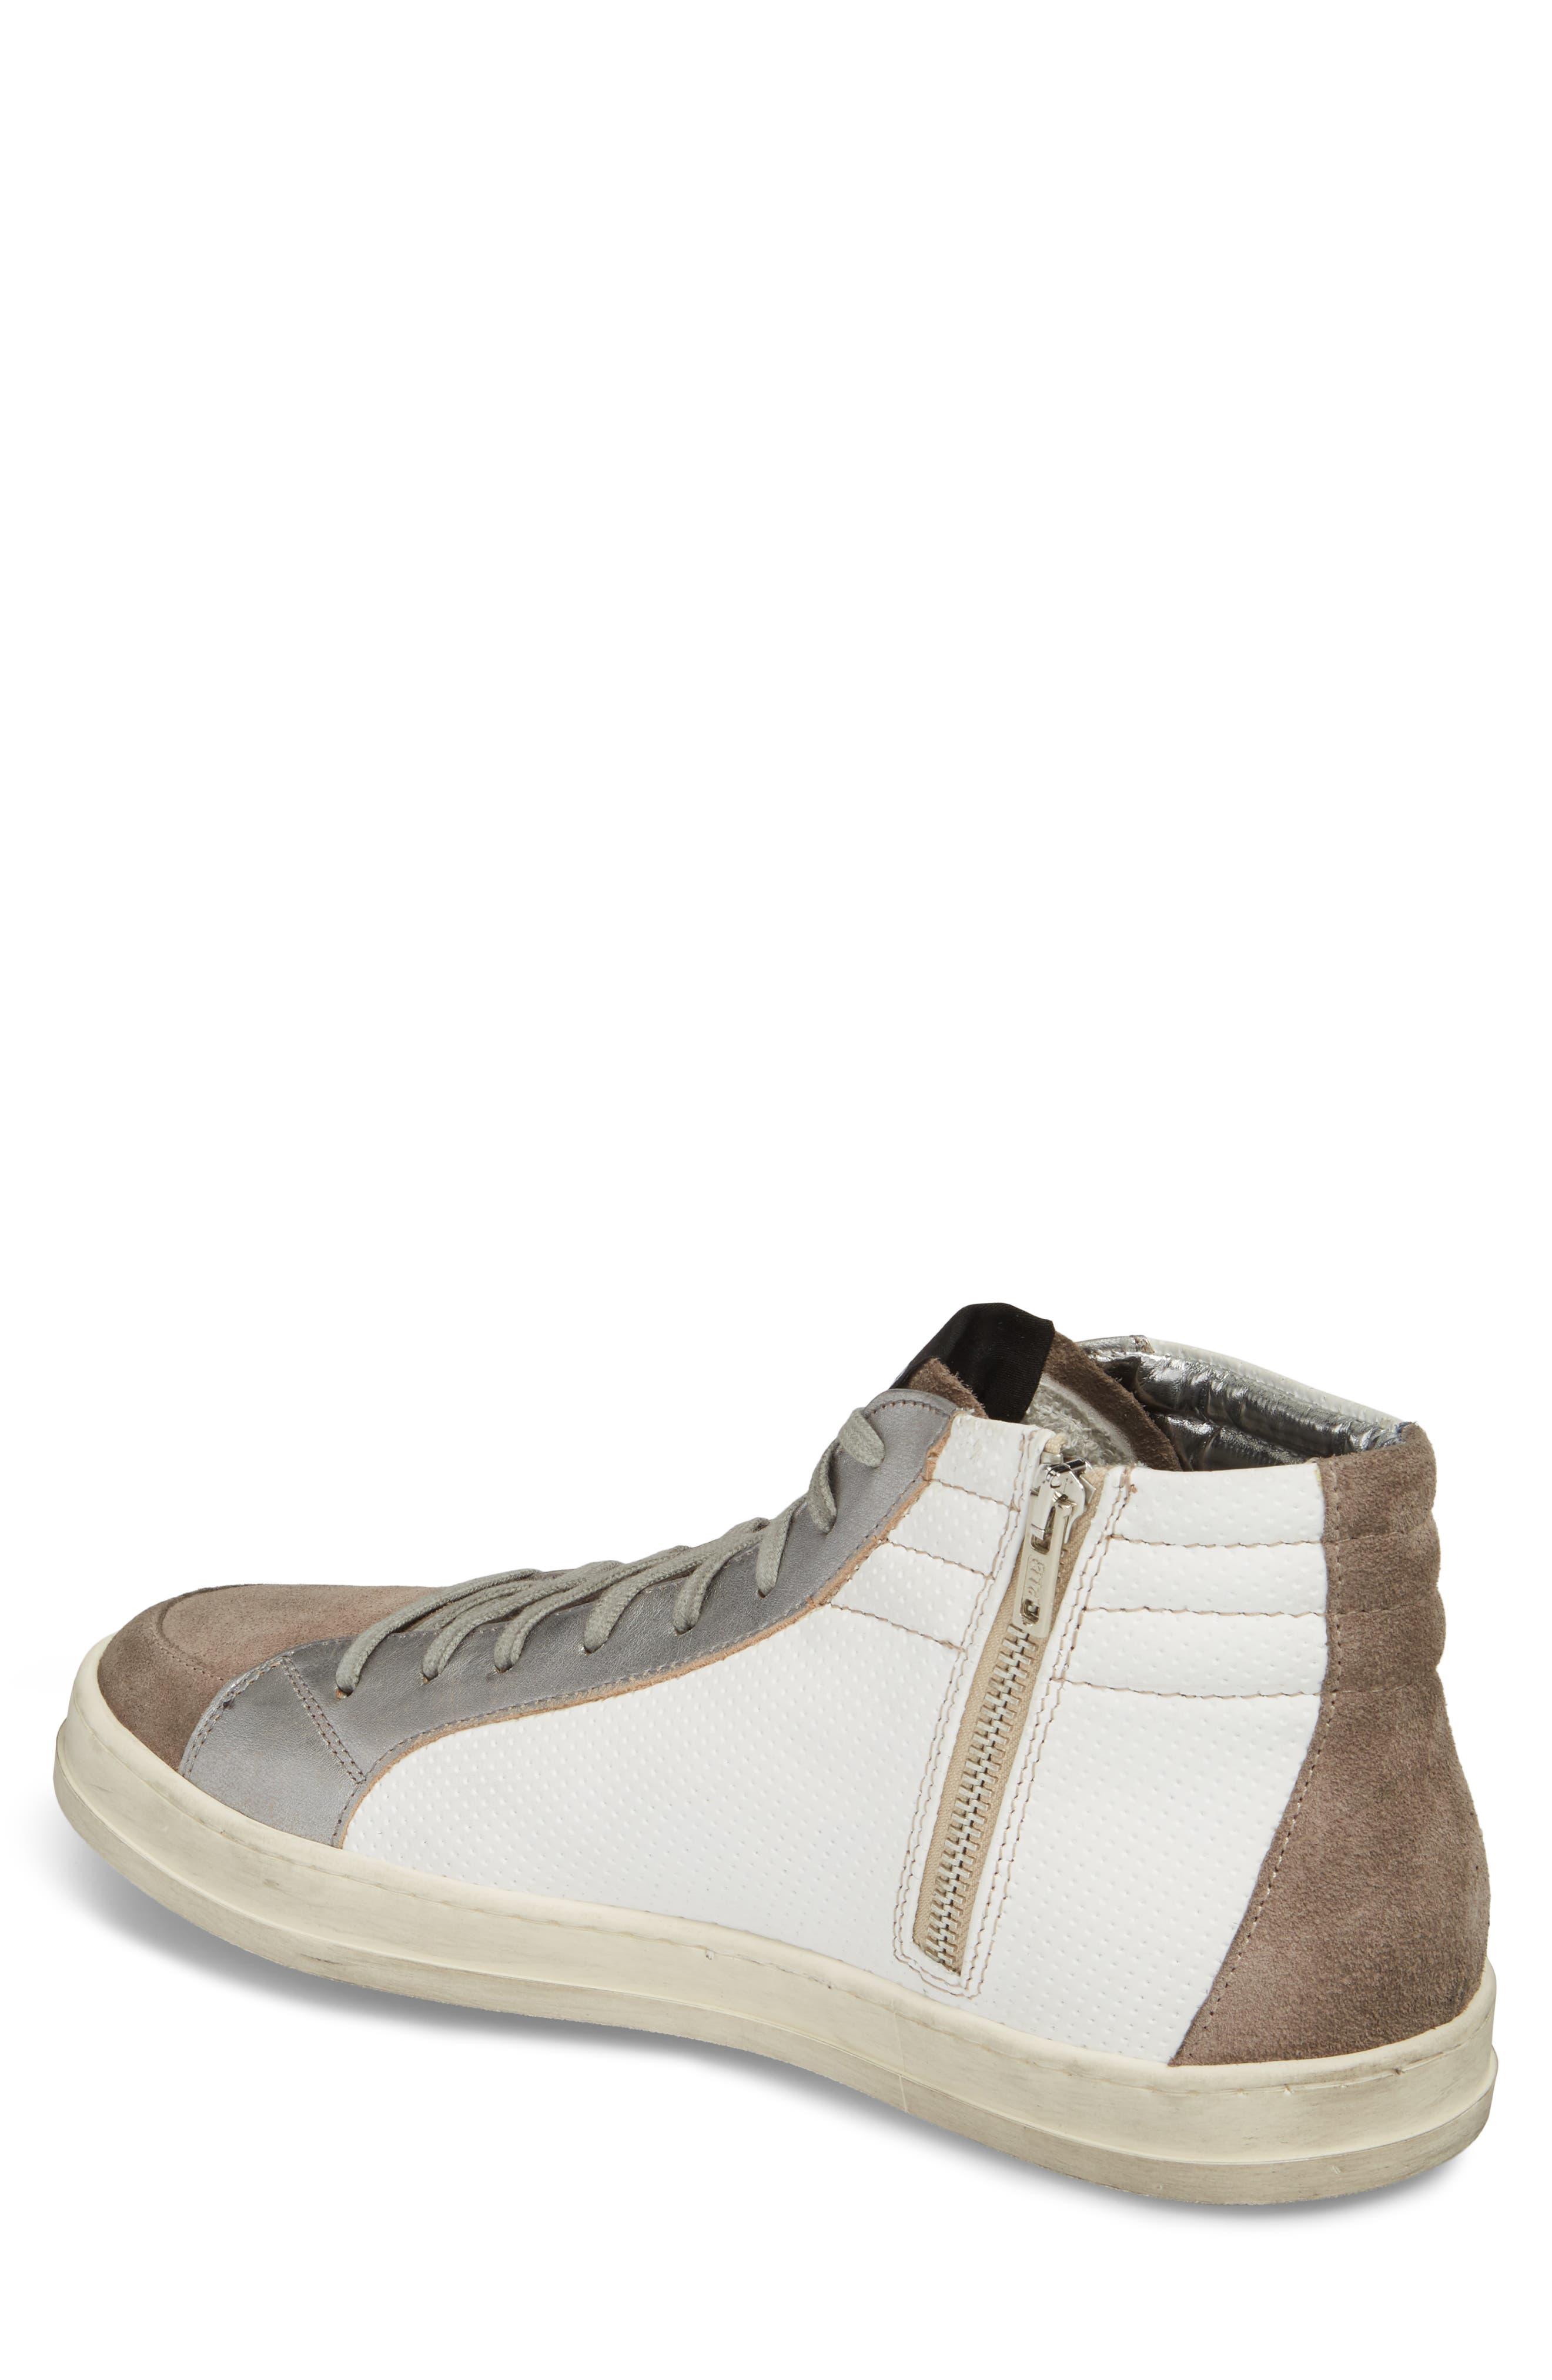 Skate High Top Sneaker,                             Alternate thumbnail 2, color,                             White